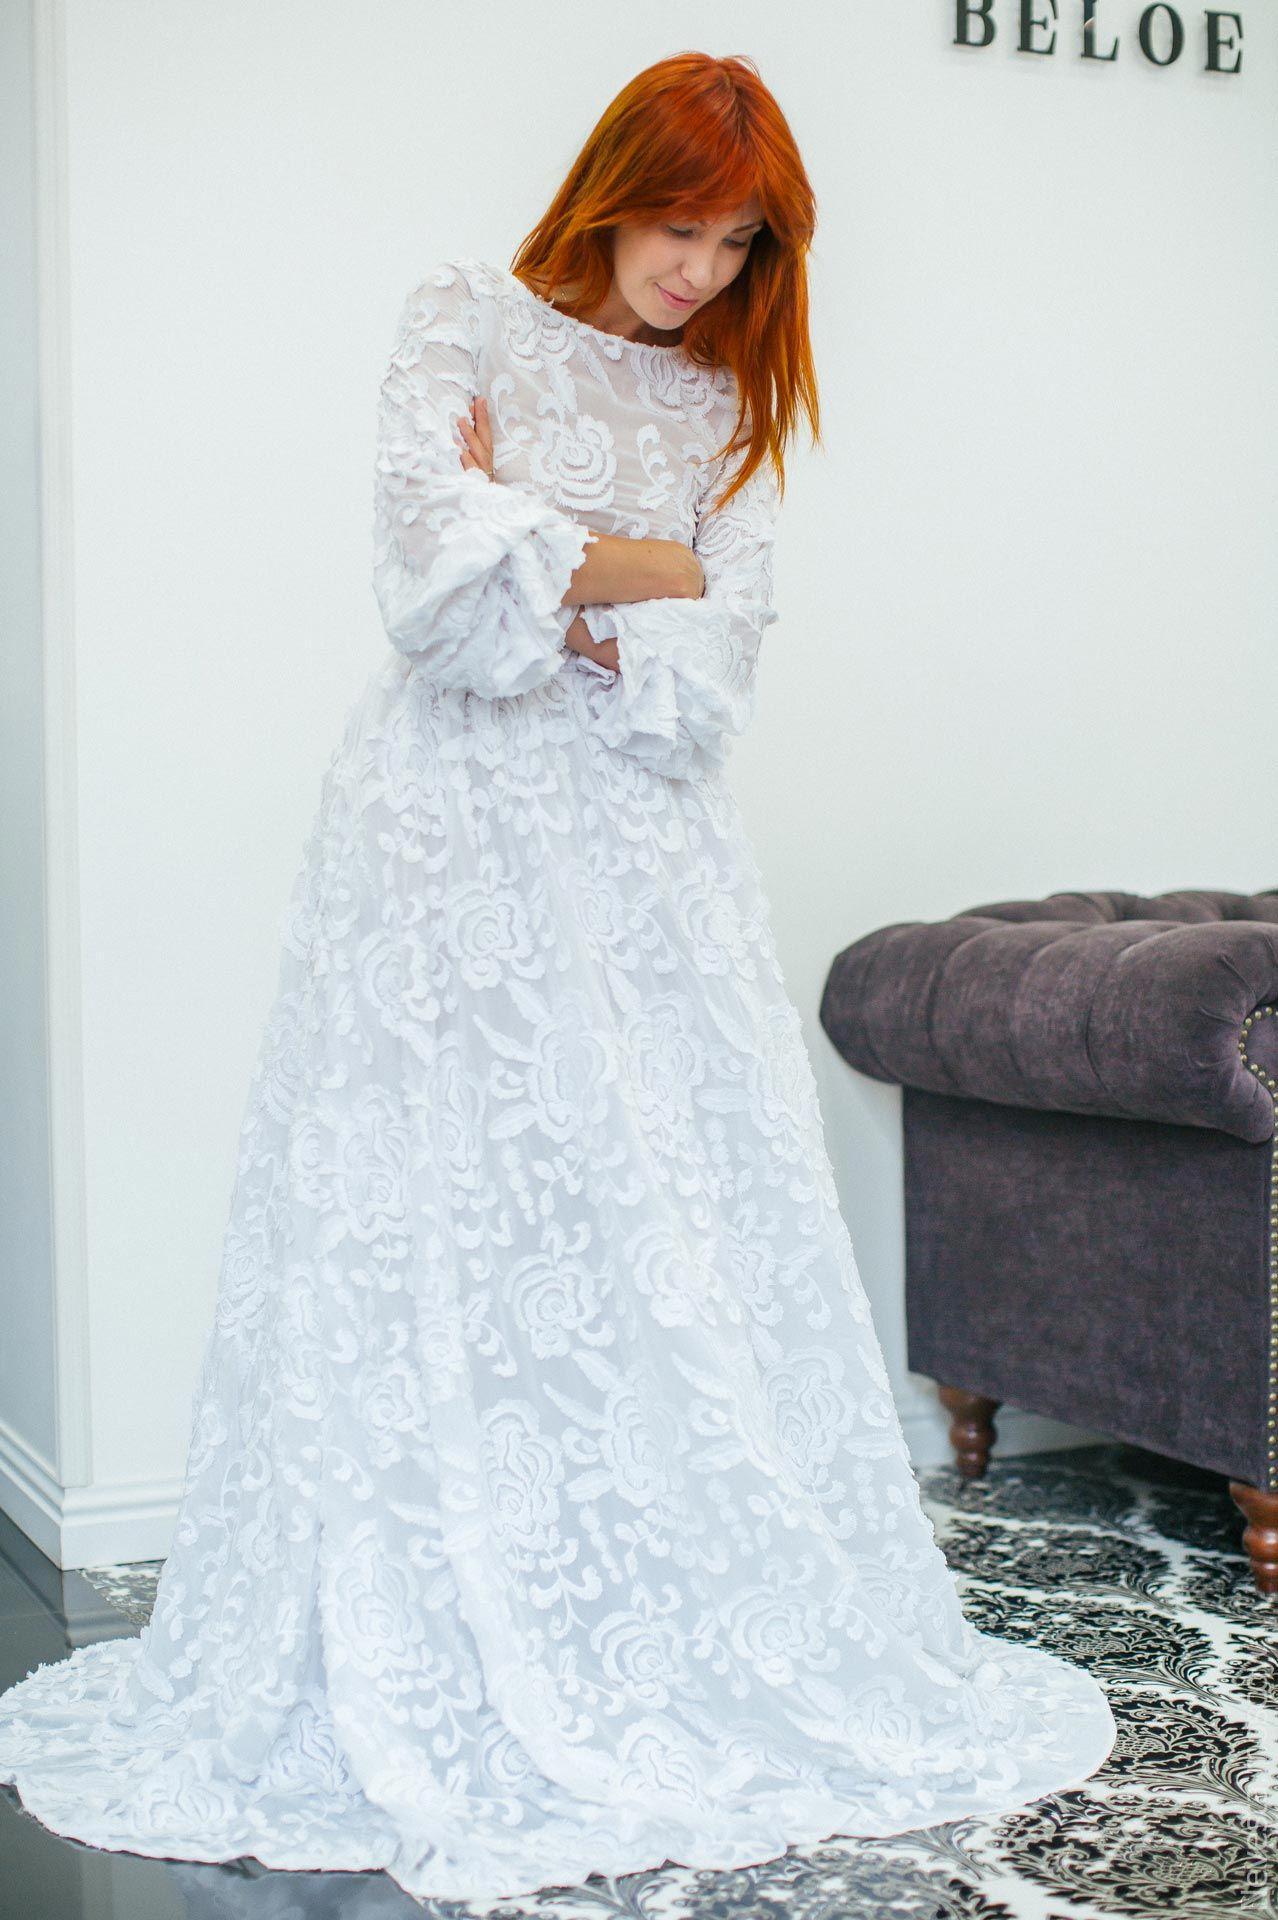 Катерина Кирильчева примеряет свадебное платье